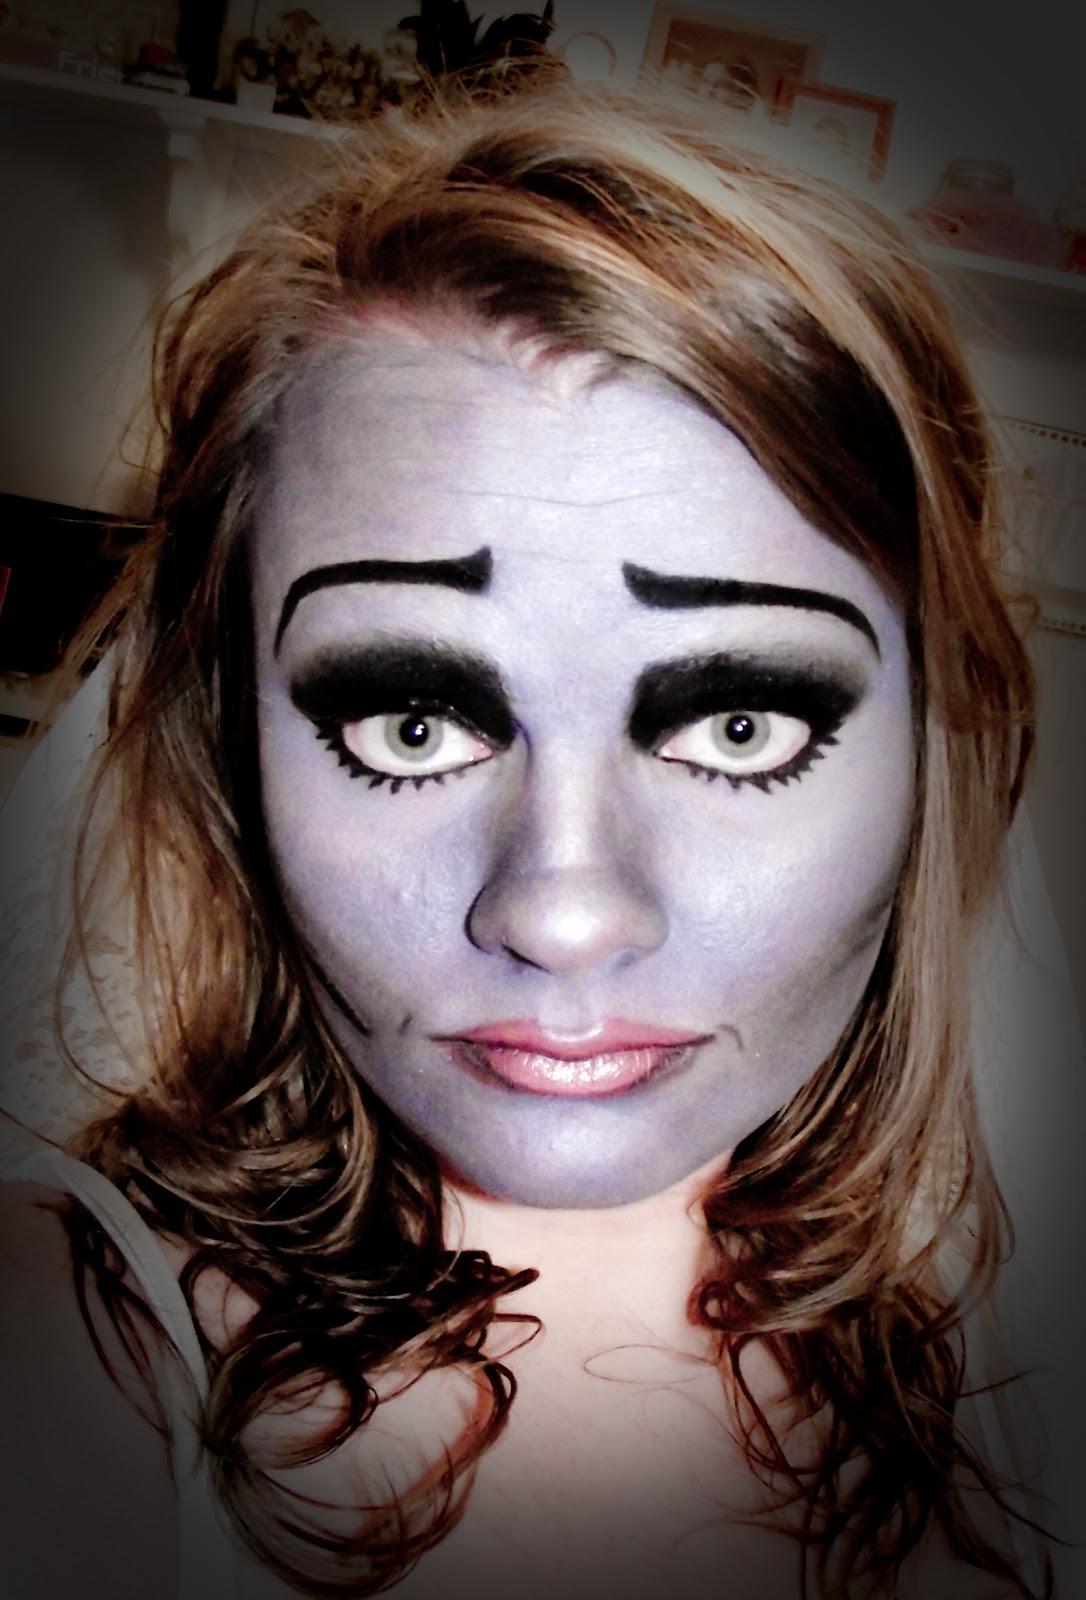 Dead Bride Makeup Pictures : Corpse Bride Makeup